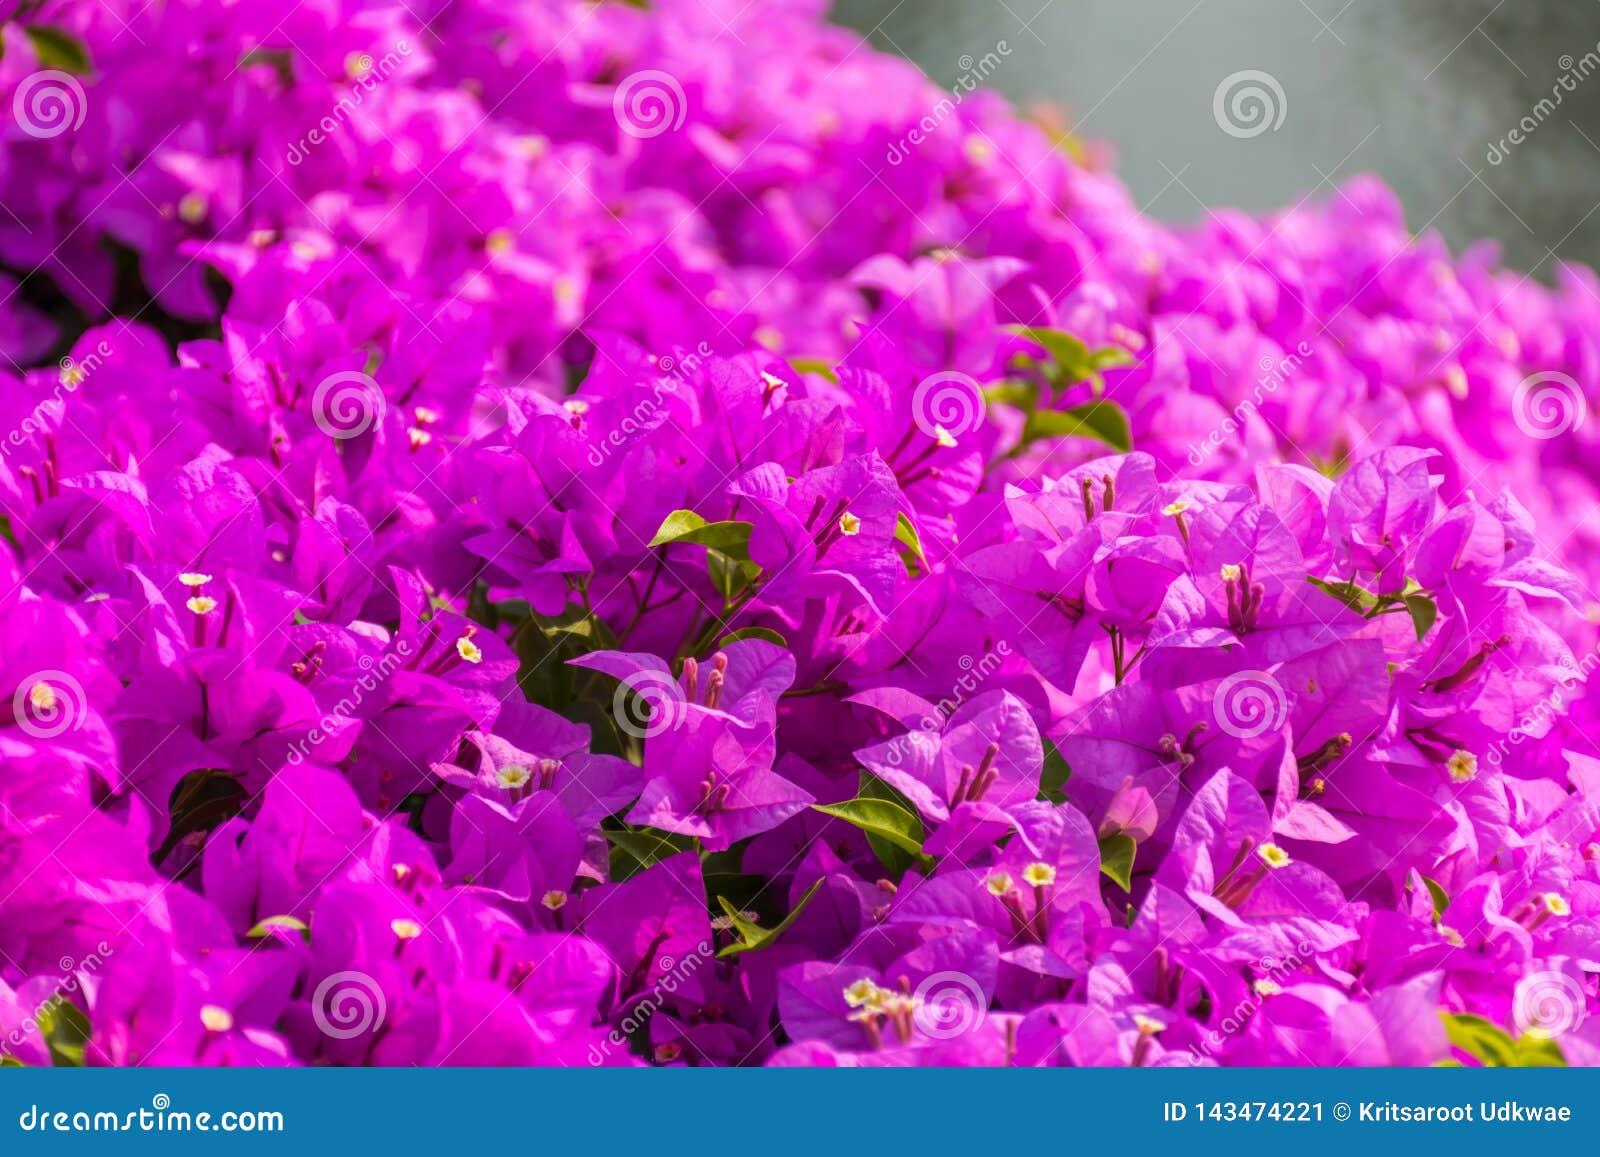 Flores púrpuras hermosas de la buganvilla en un parque público